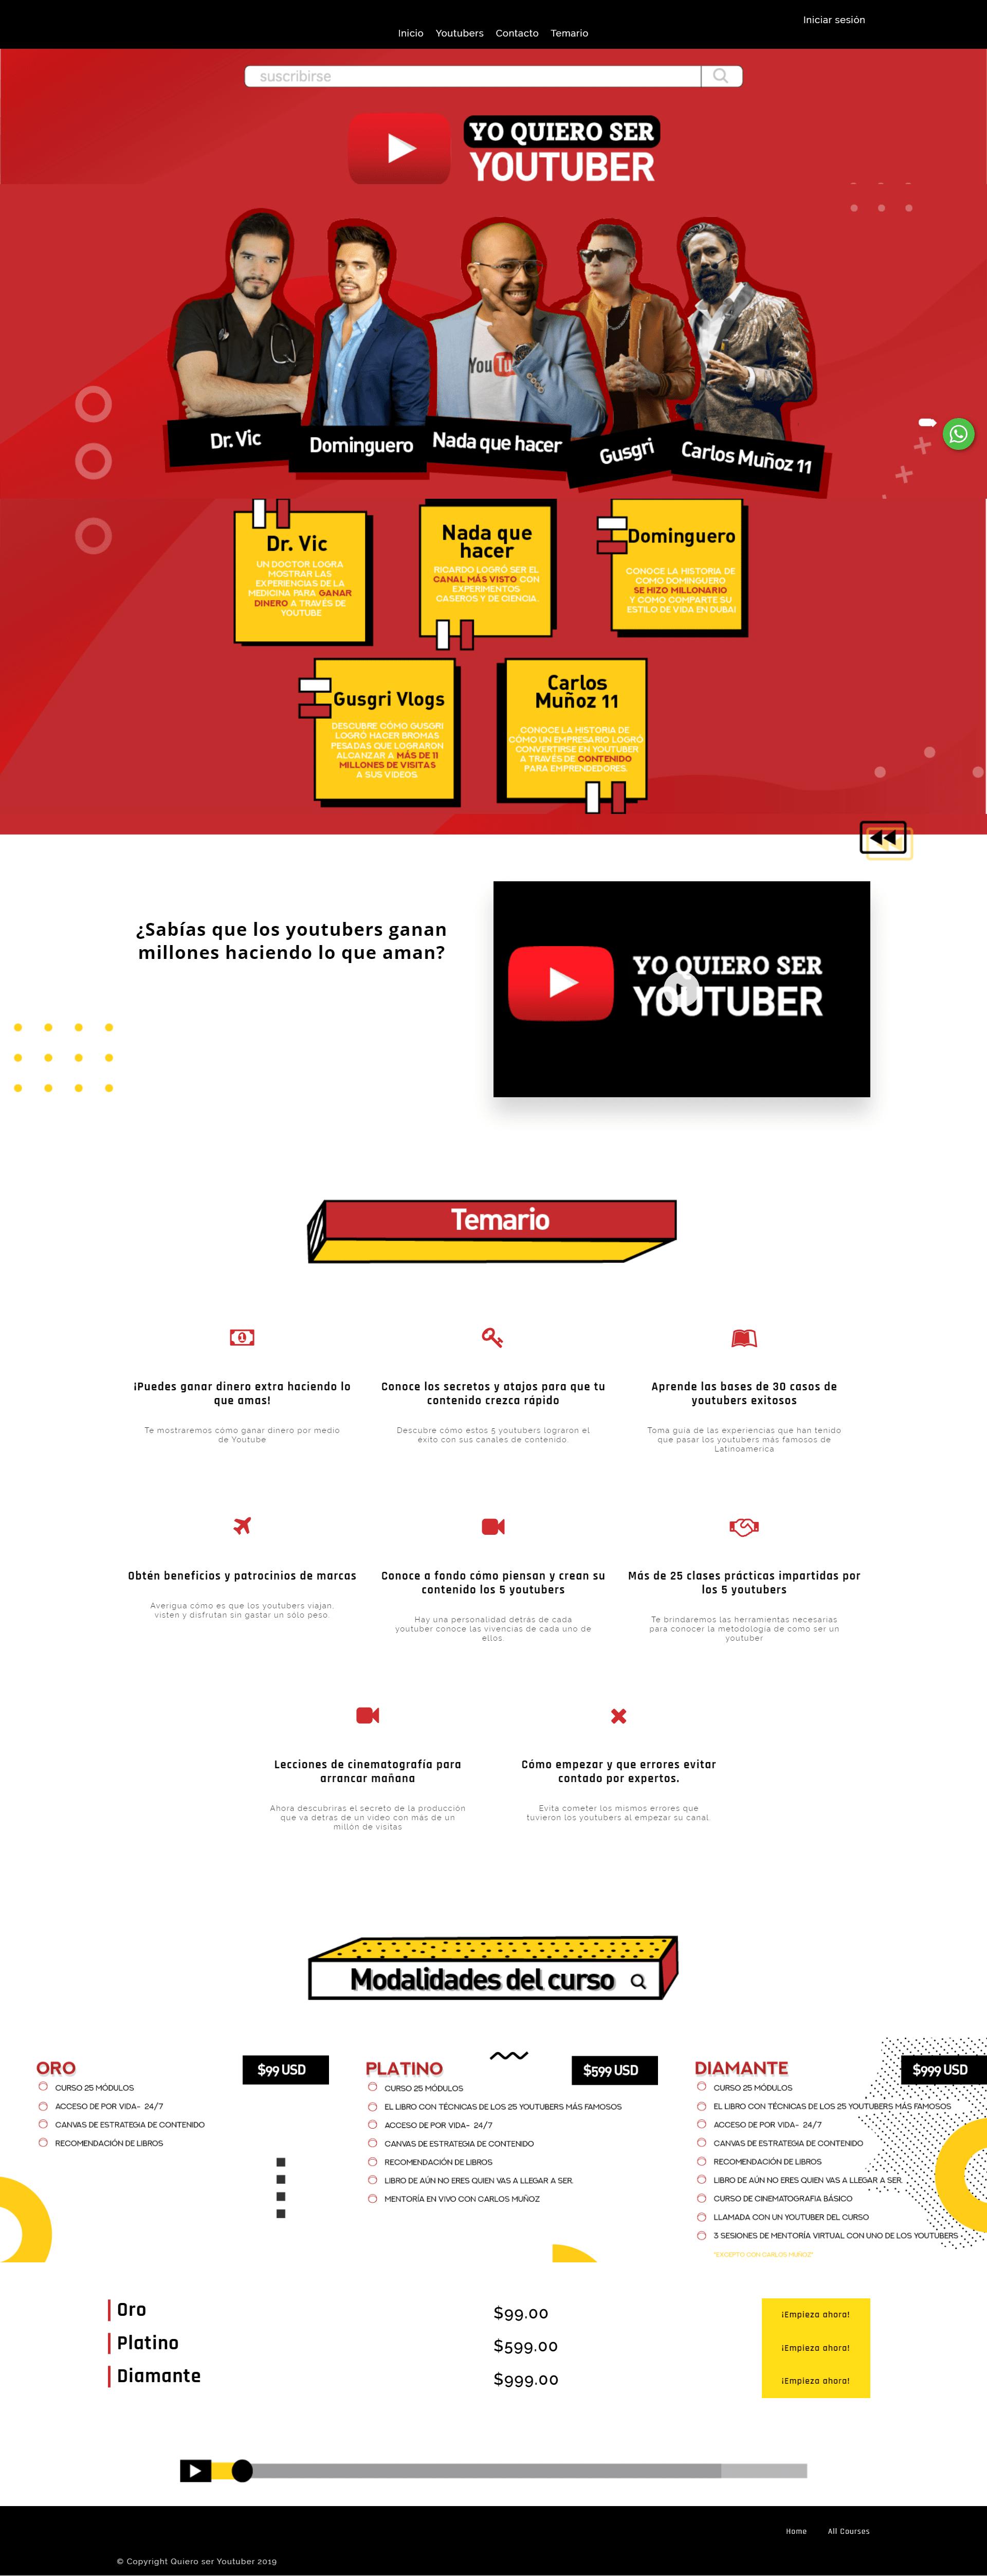 Yo quiero ser Youtuber Curso